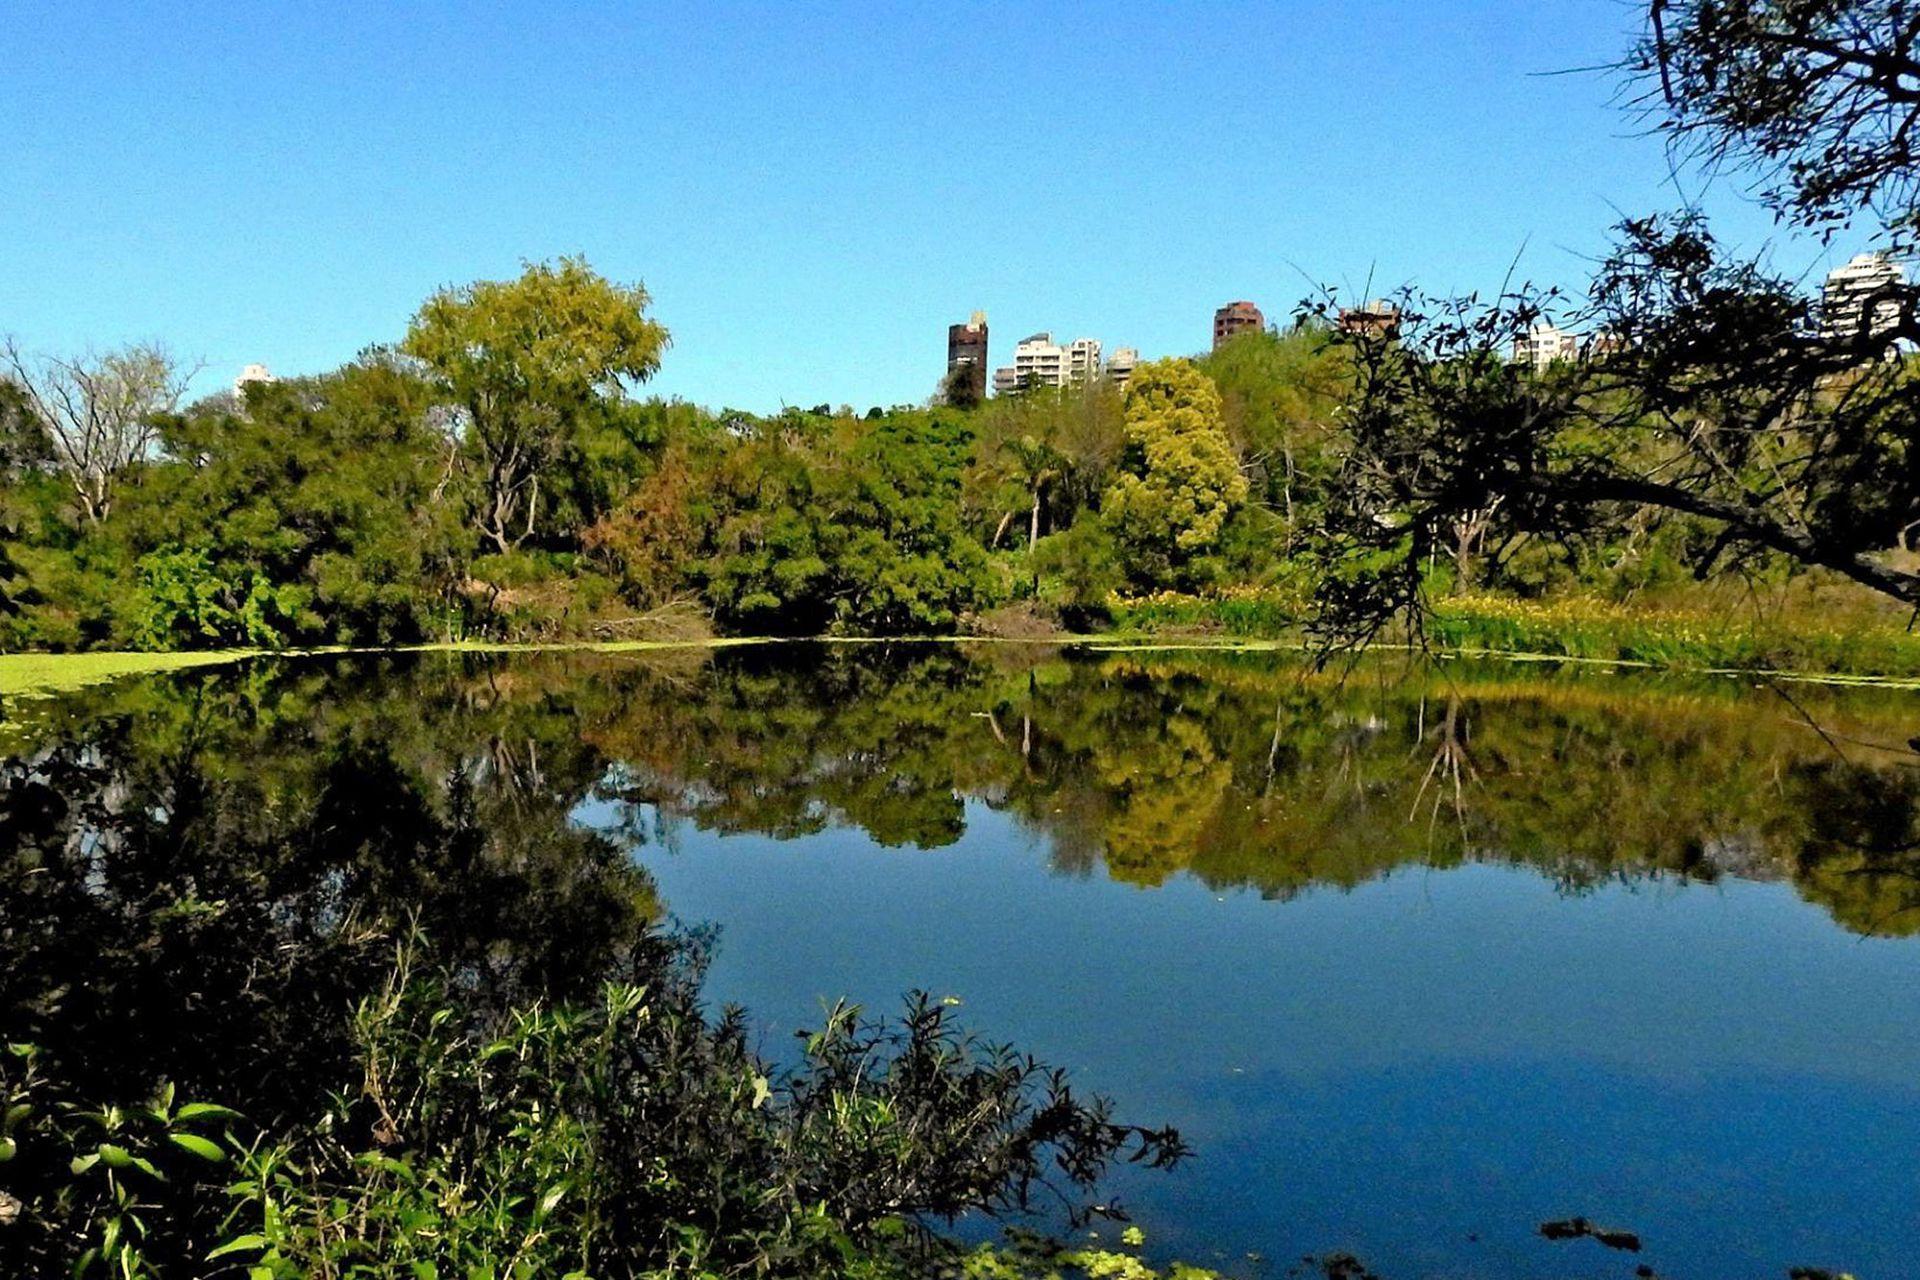 La Reserva Ecológica de Vicente López, a muy pocos minutos del frenesí porteño, es un refugio de silencio y naturaleza nativa.